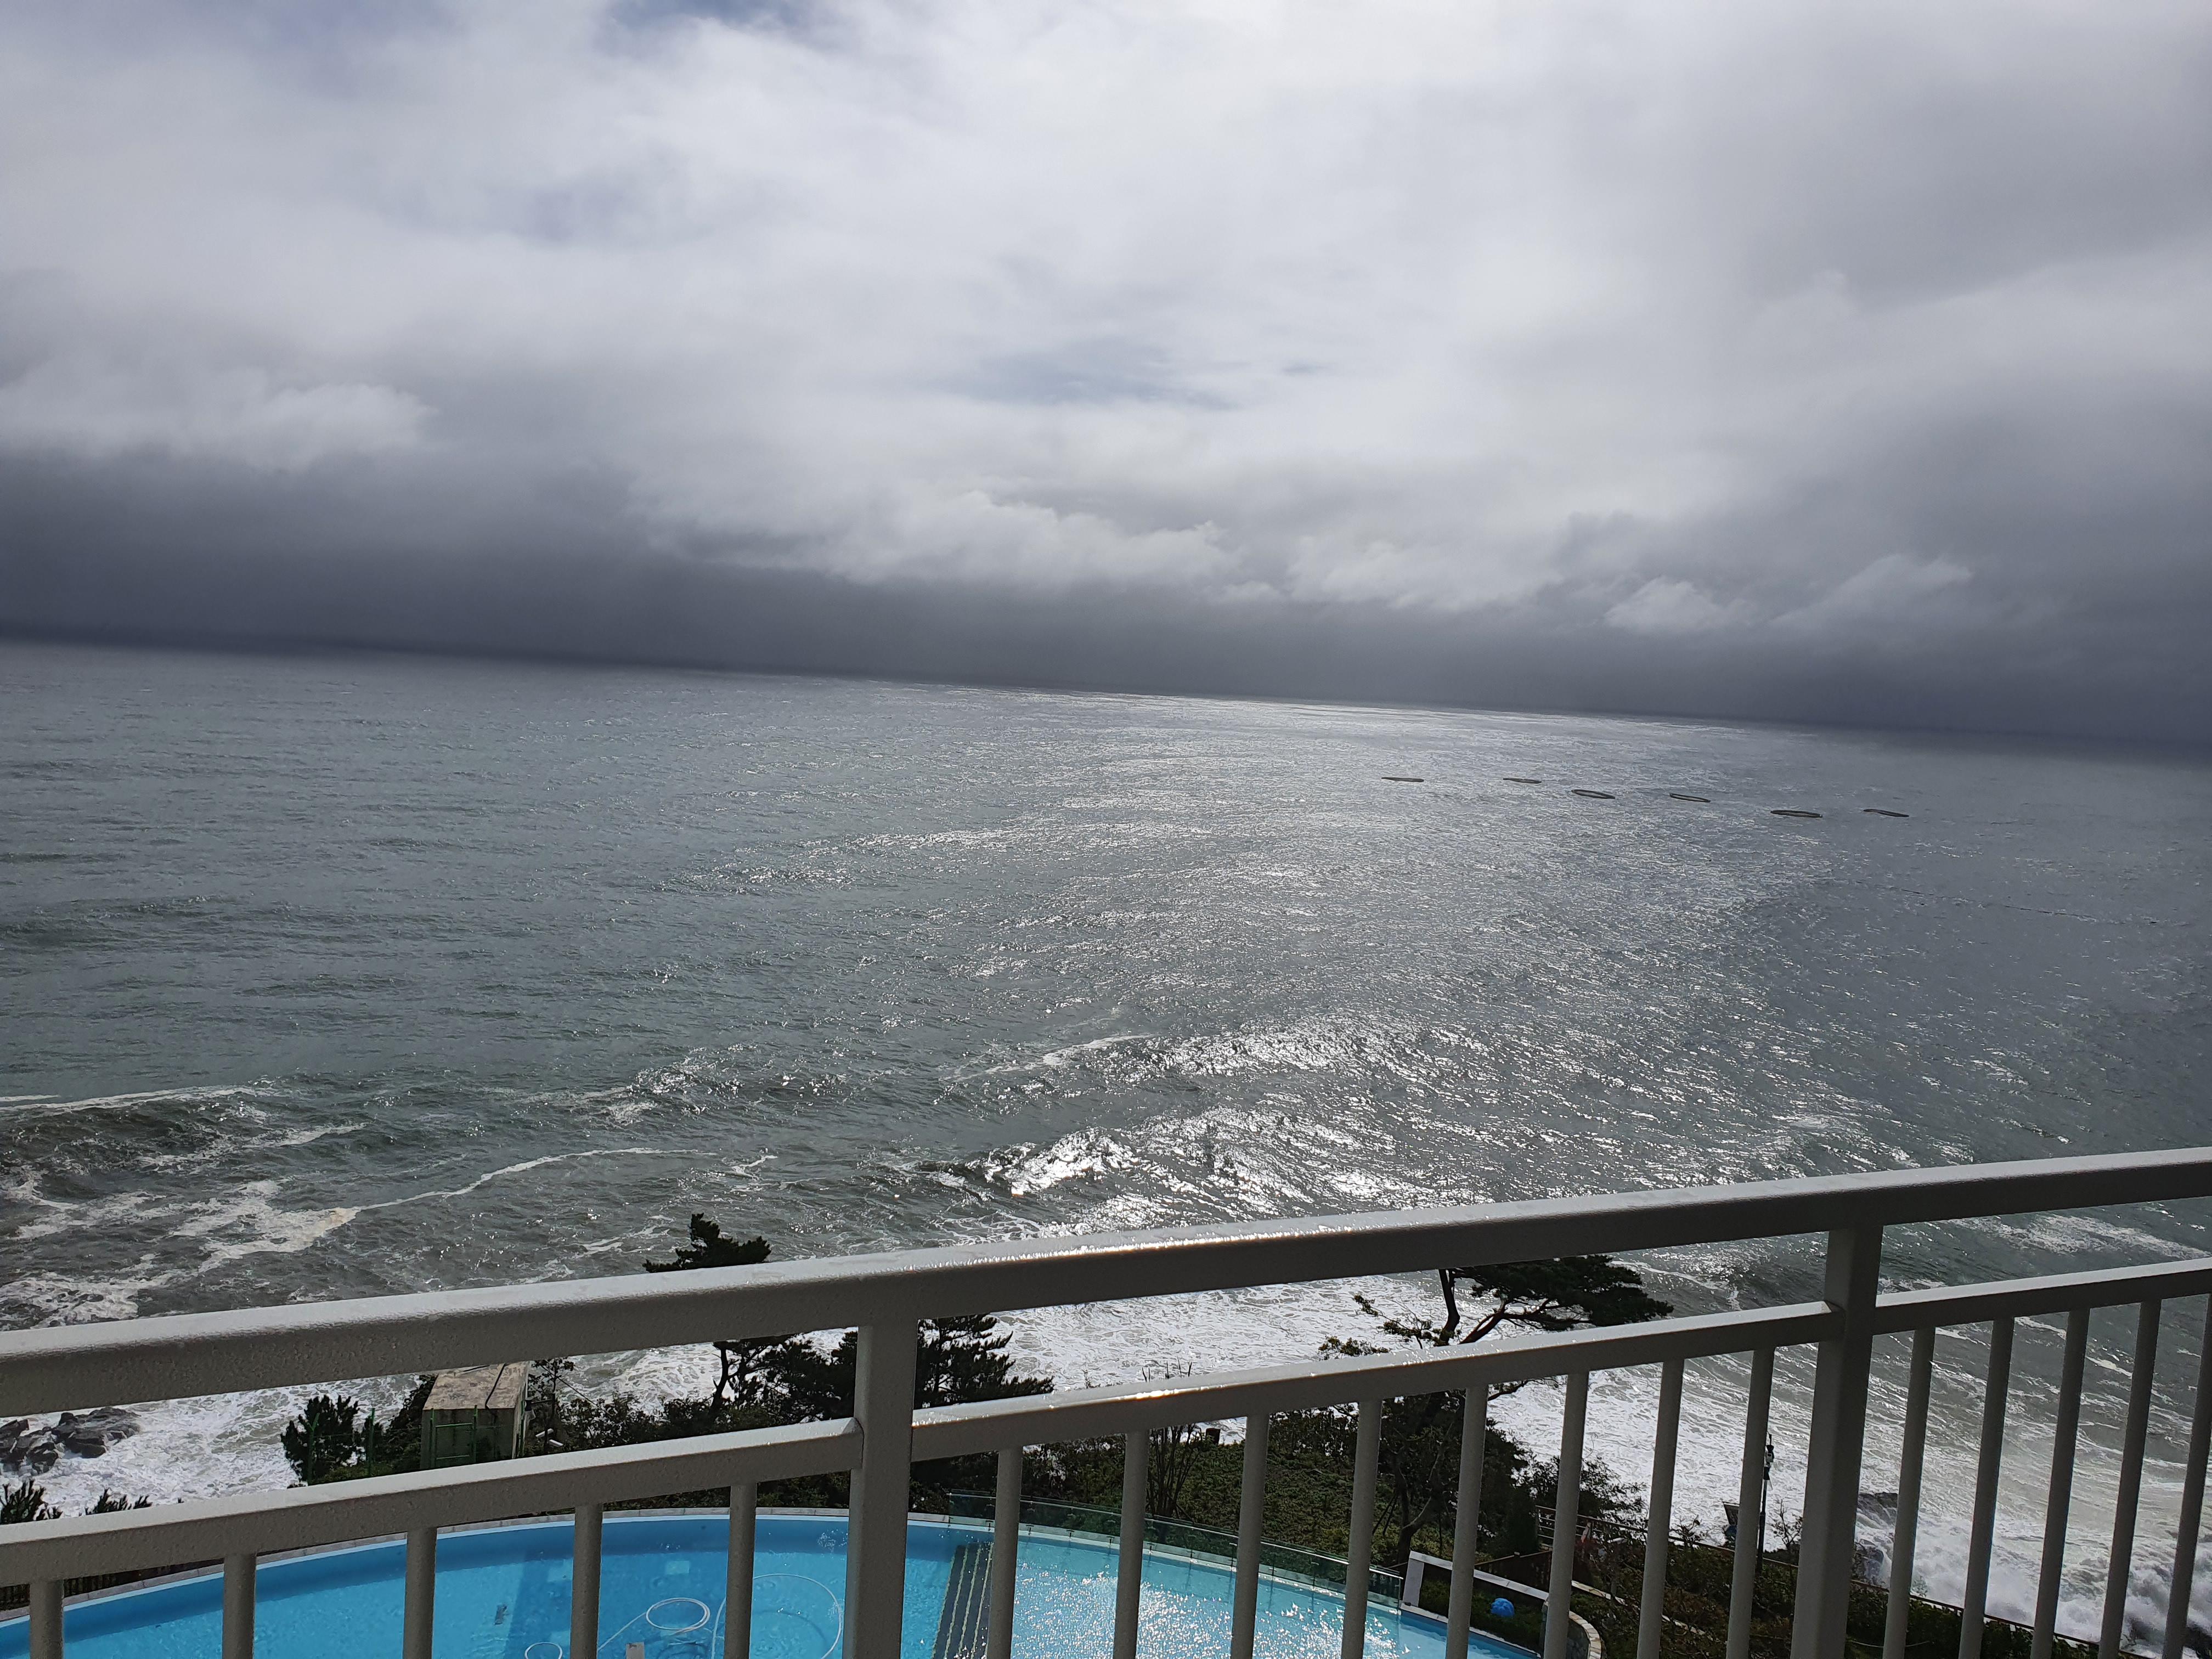 동해나들이(4) : 숙소에서 바라본 바다(먹구름 드리운 바다와 맑은 날 바다)